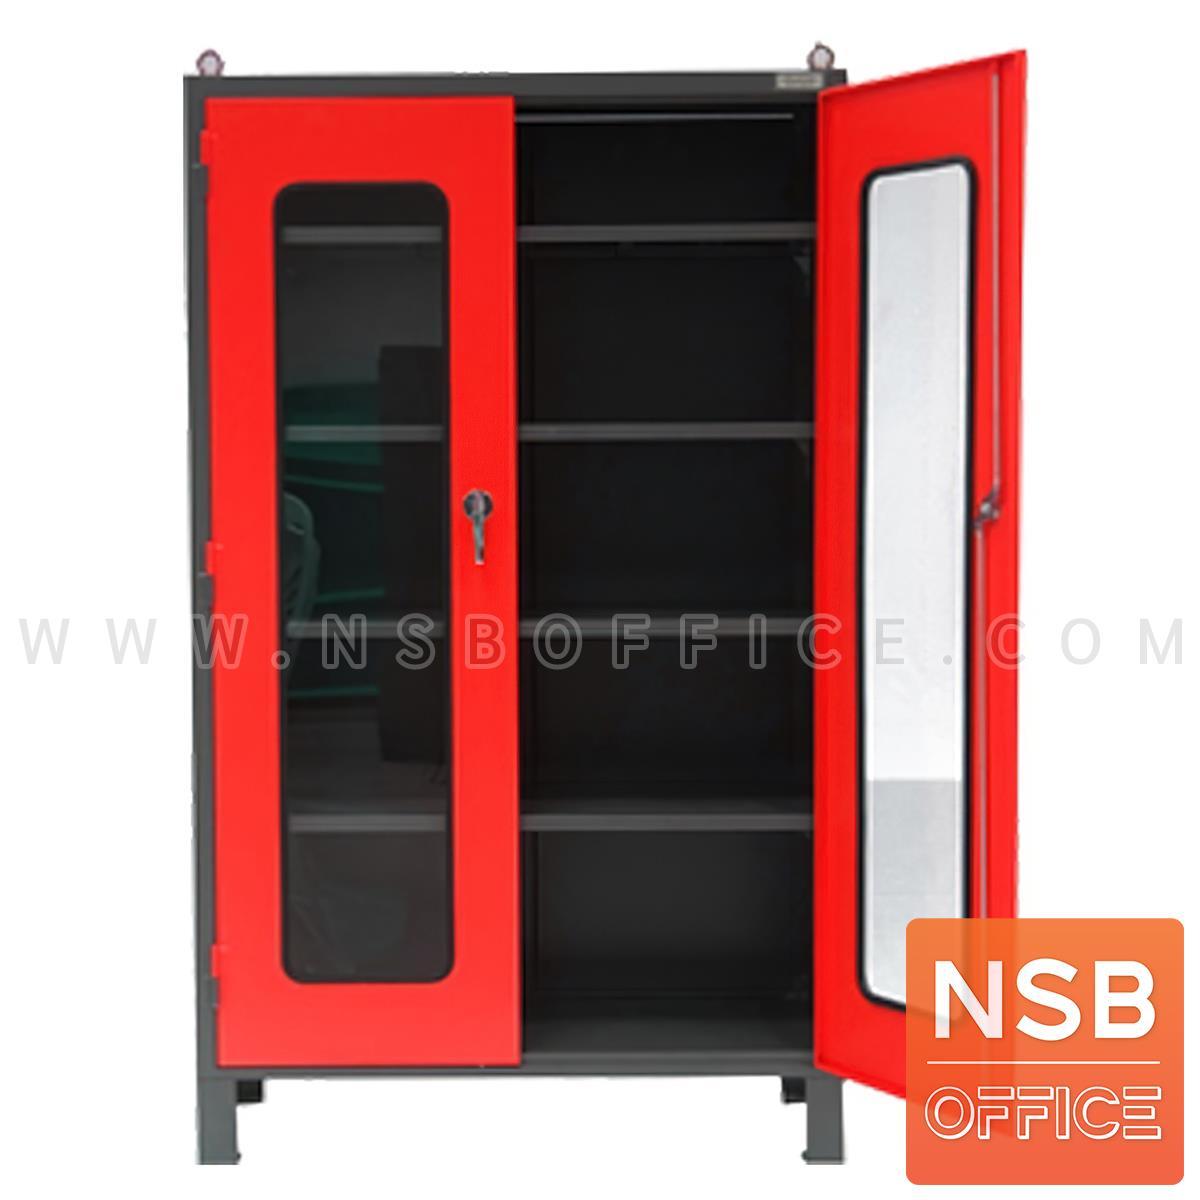 ตู้เก็บอุปกรณ์ รุ่น Valhein (แวลไฮน์) ขนาด 120W*165.5H cm.